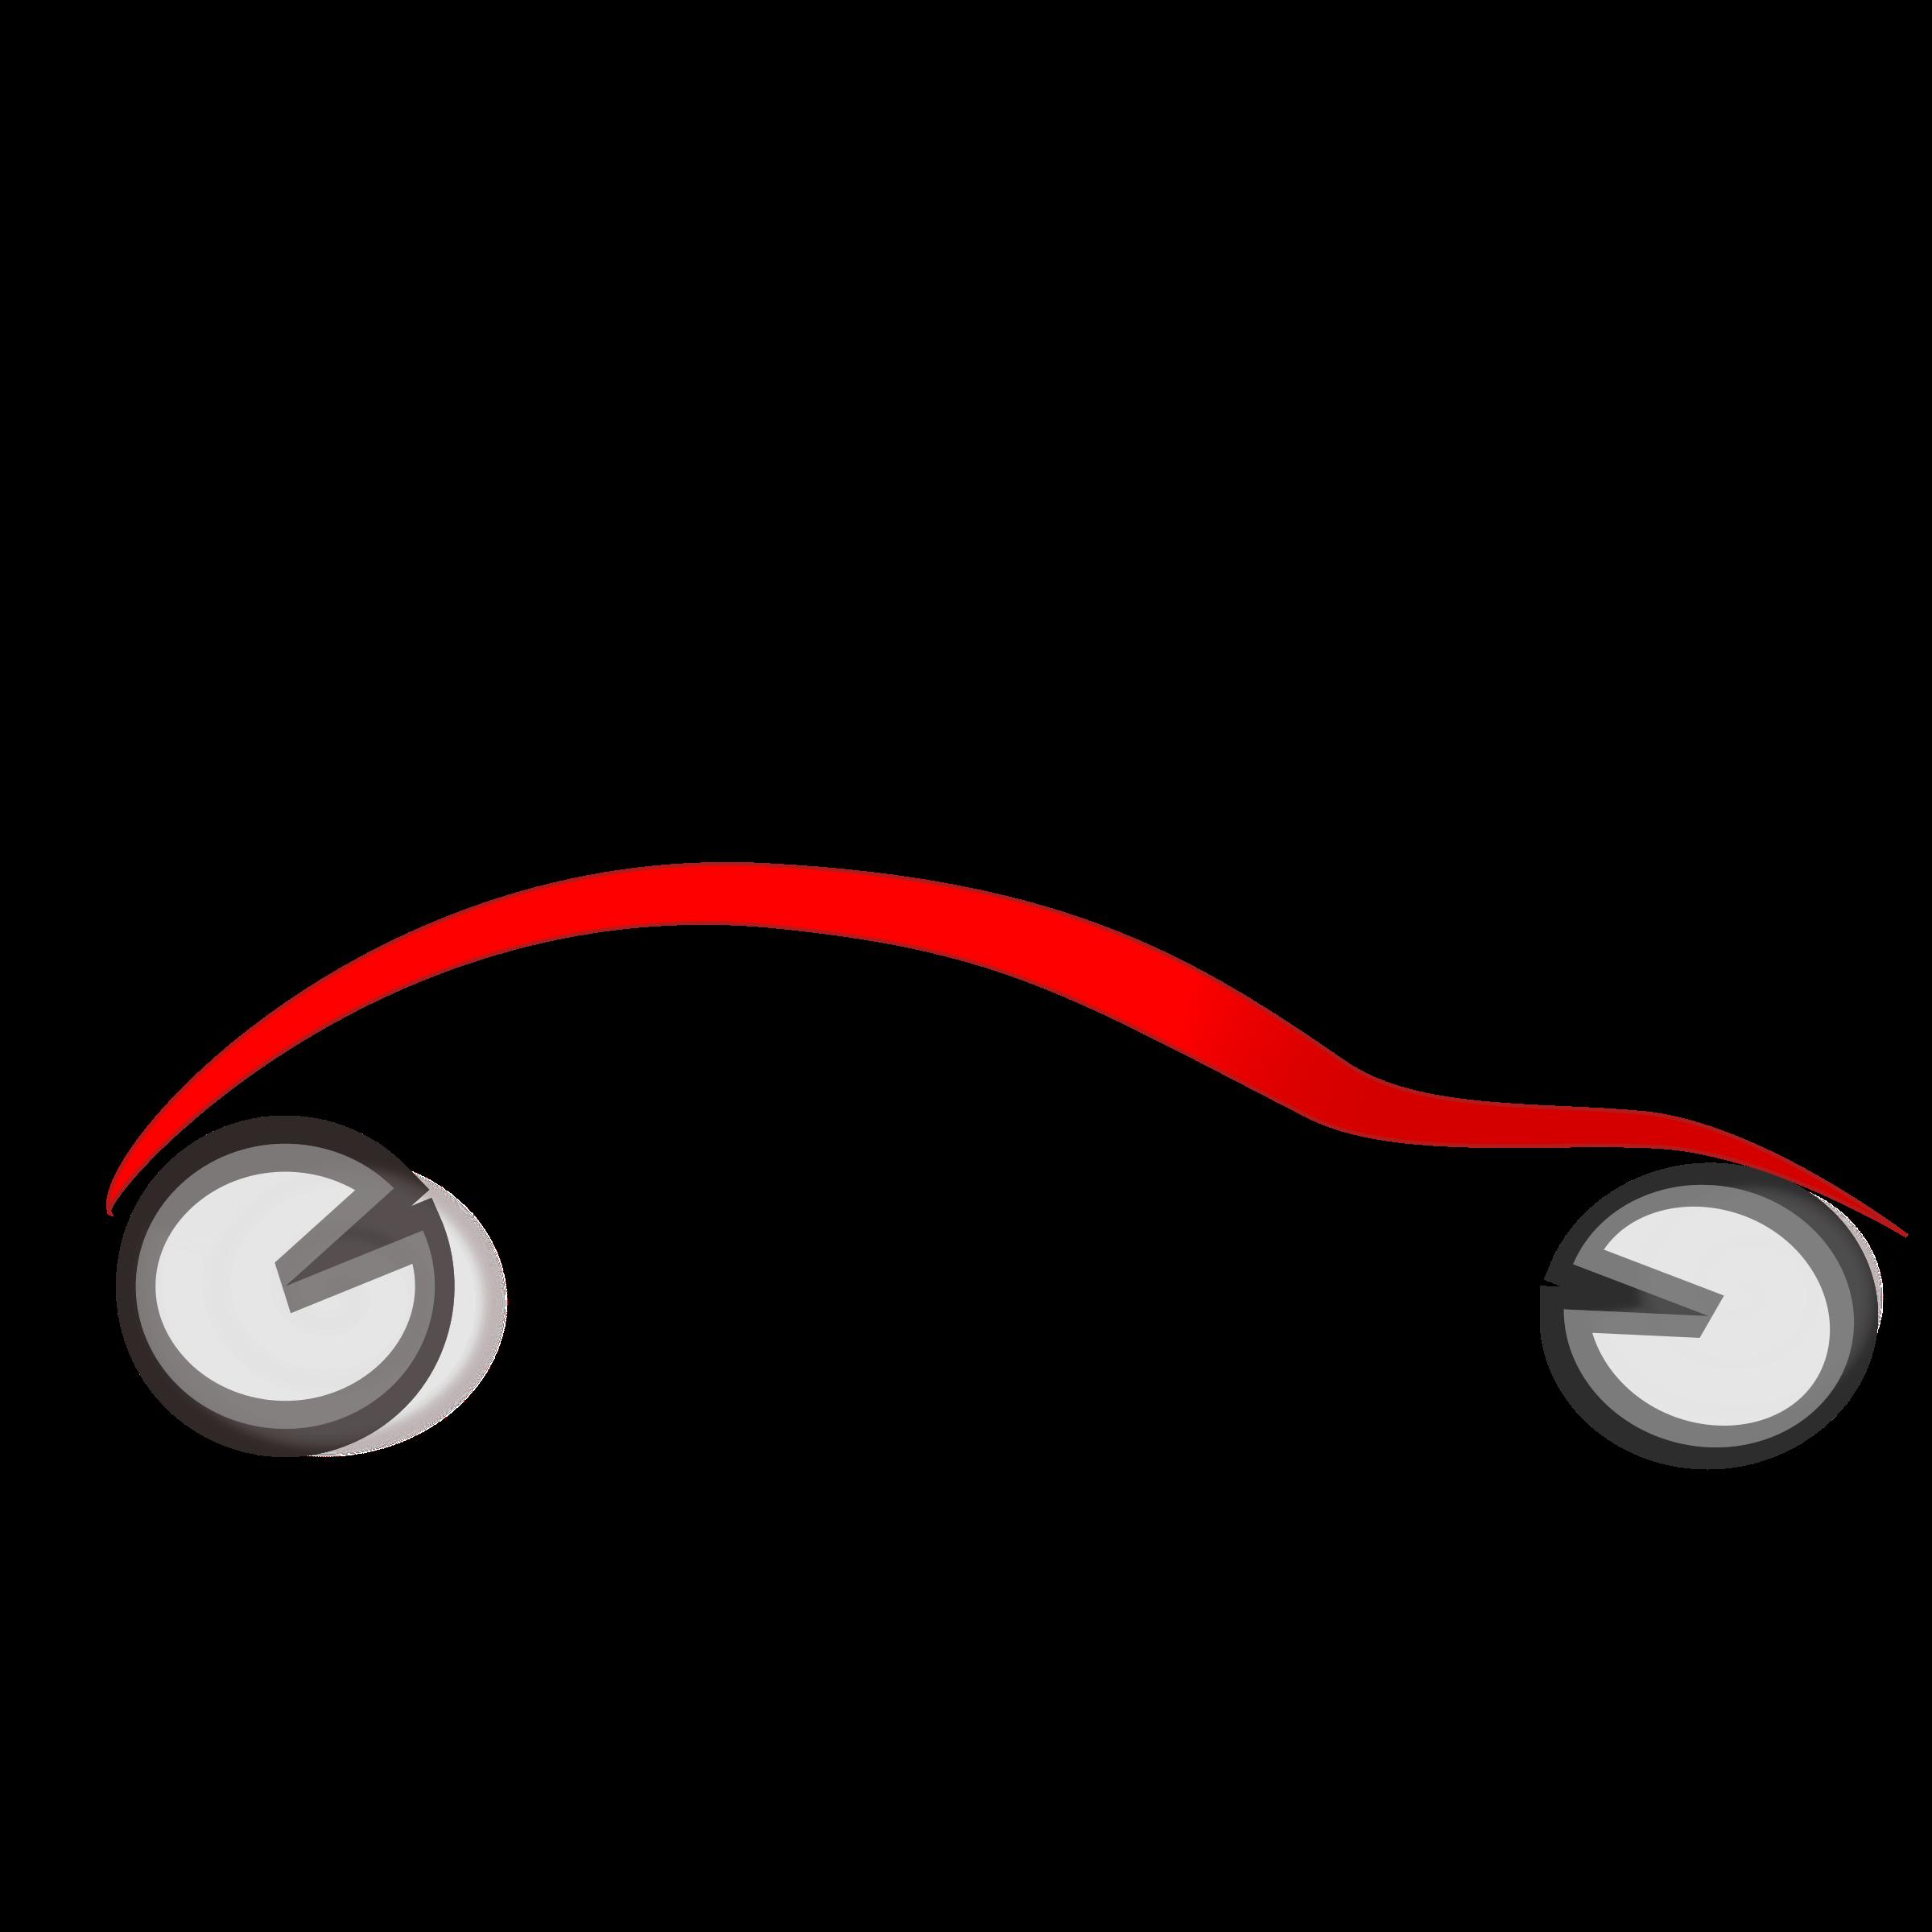 Netalloy car logo big. Clipart cars outline